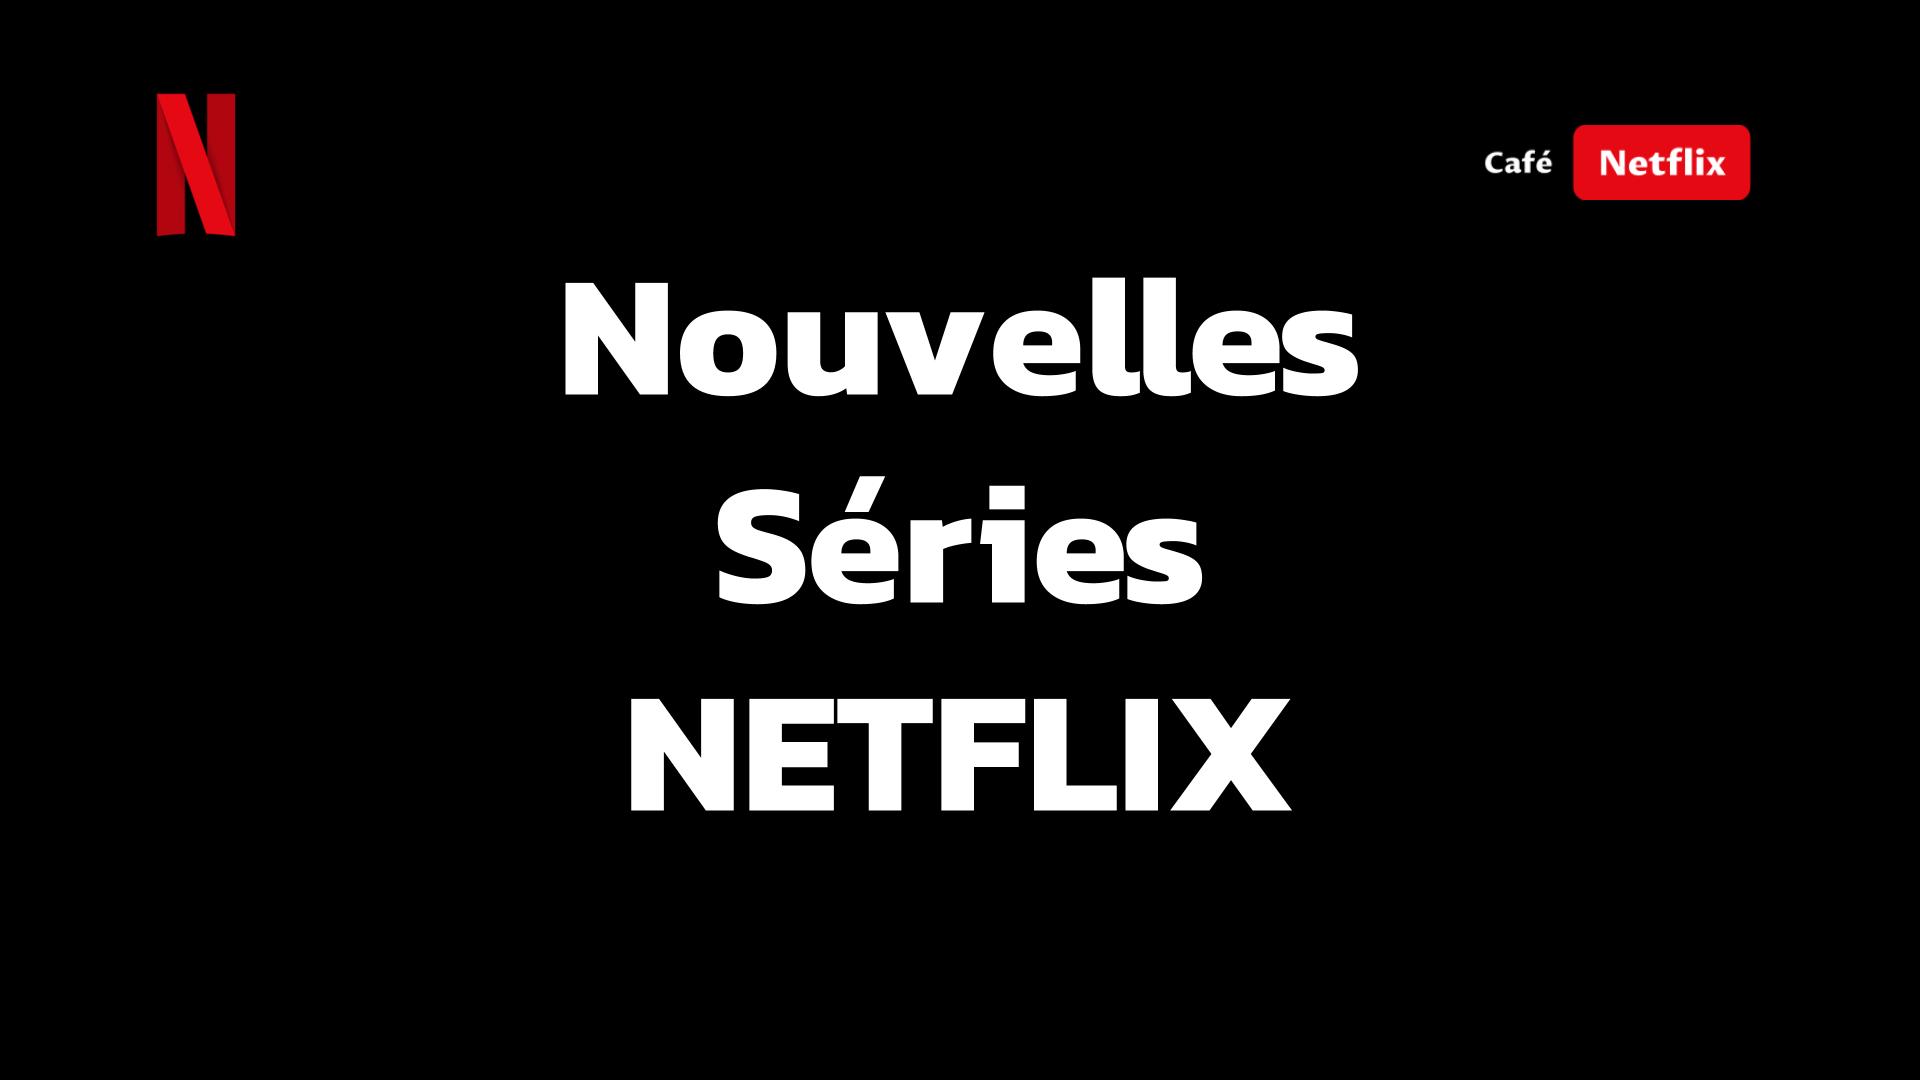 Nouvelles Séries sur Netflix - Ajouts récents des Séries originales Netflix !!